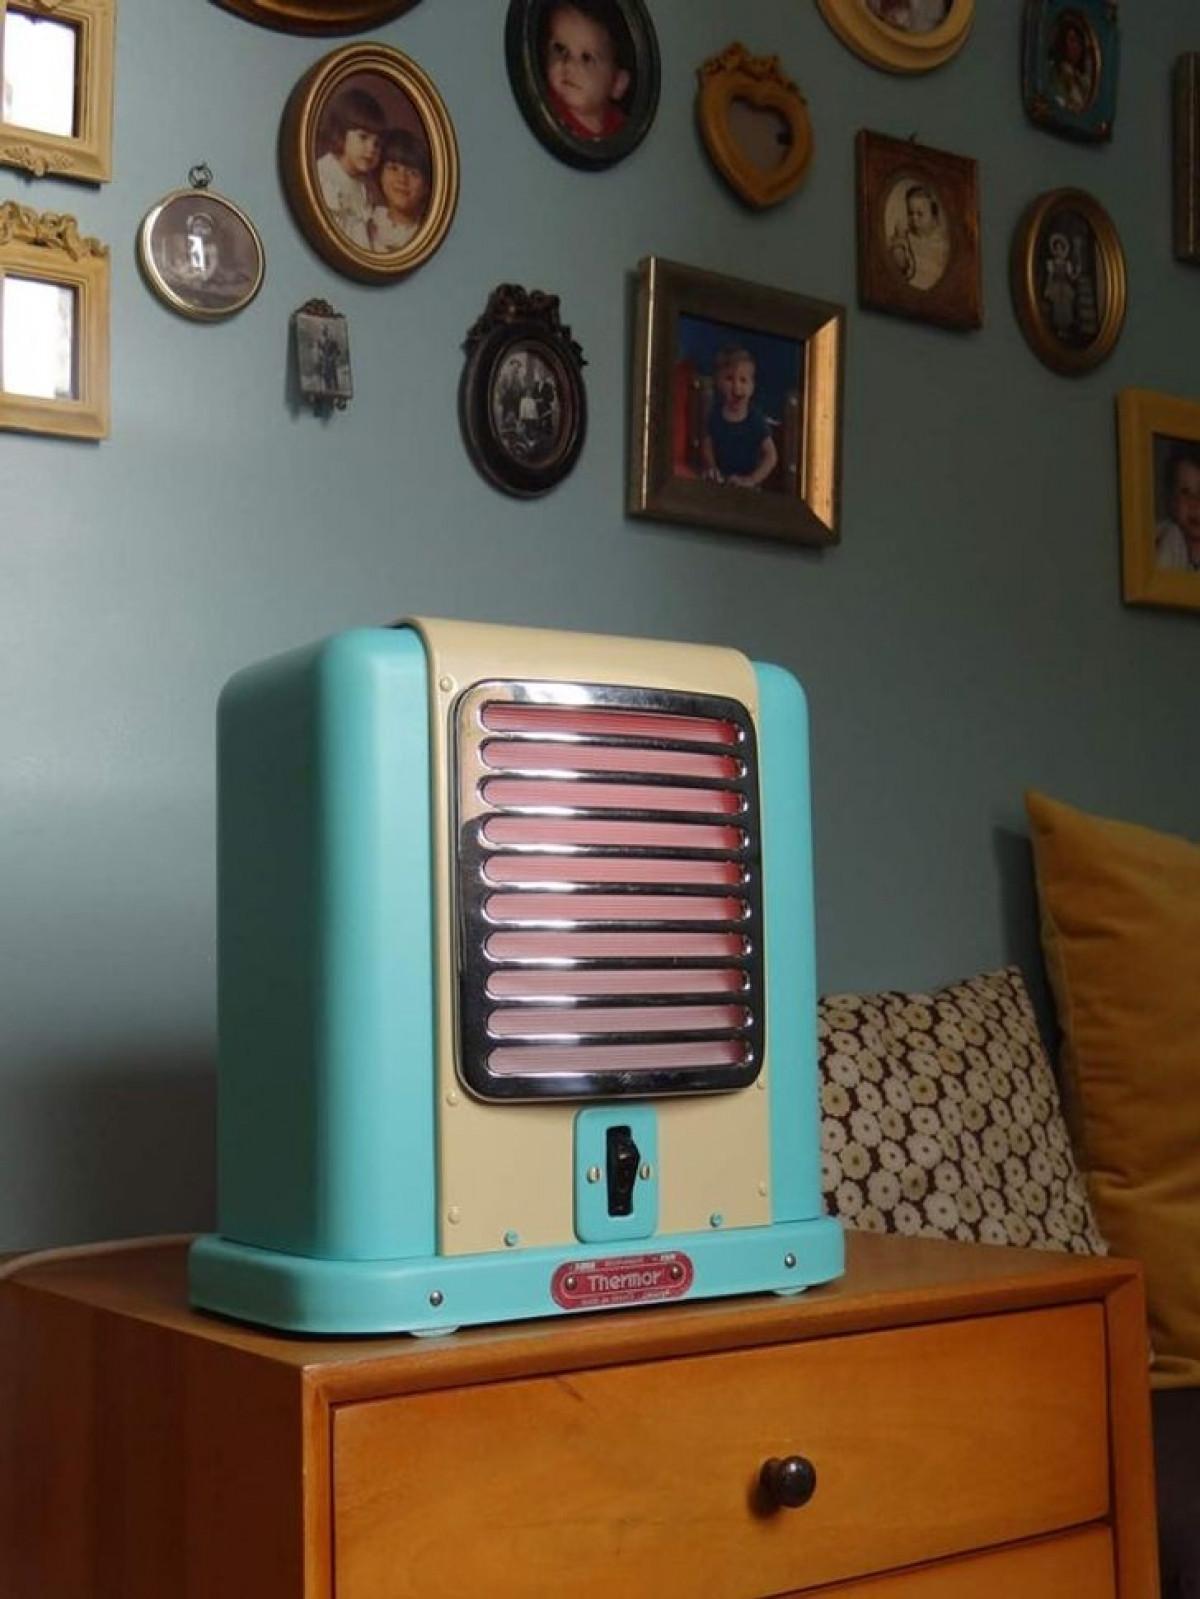 Lò sưởi cũ từ năm 1960 đã được tân trang để trở thành điểm nhấn trong phòng ngủ.